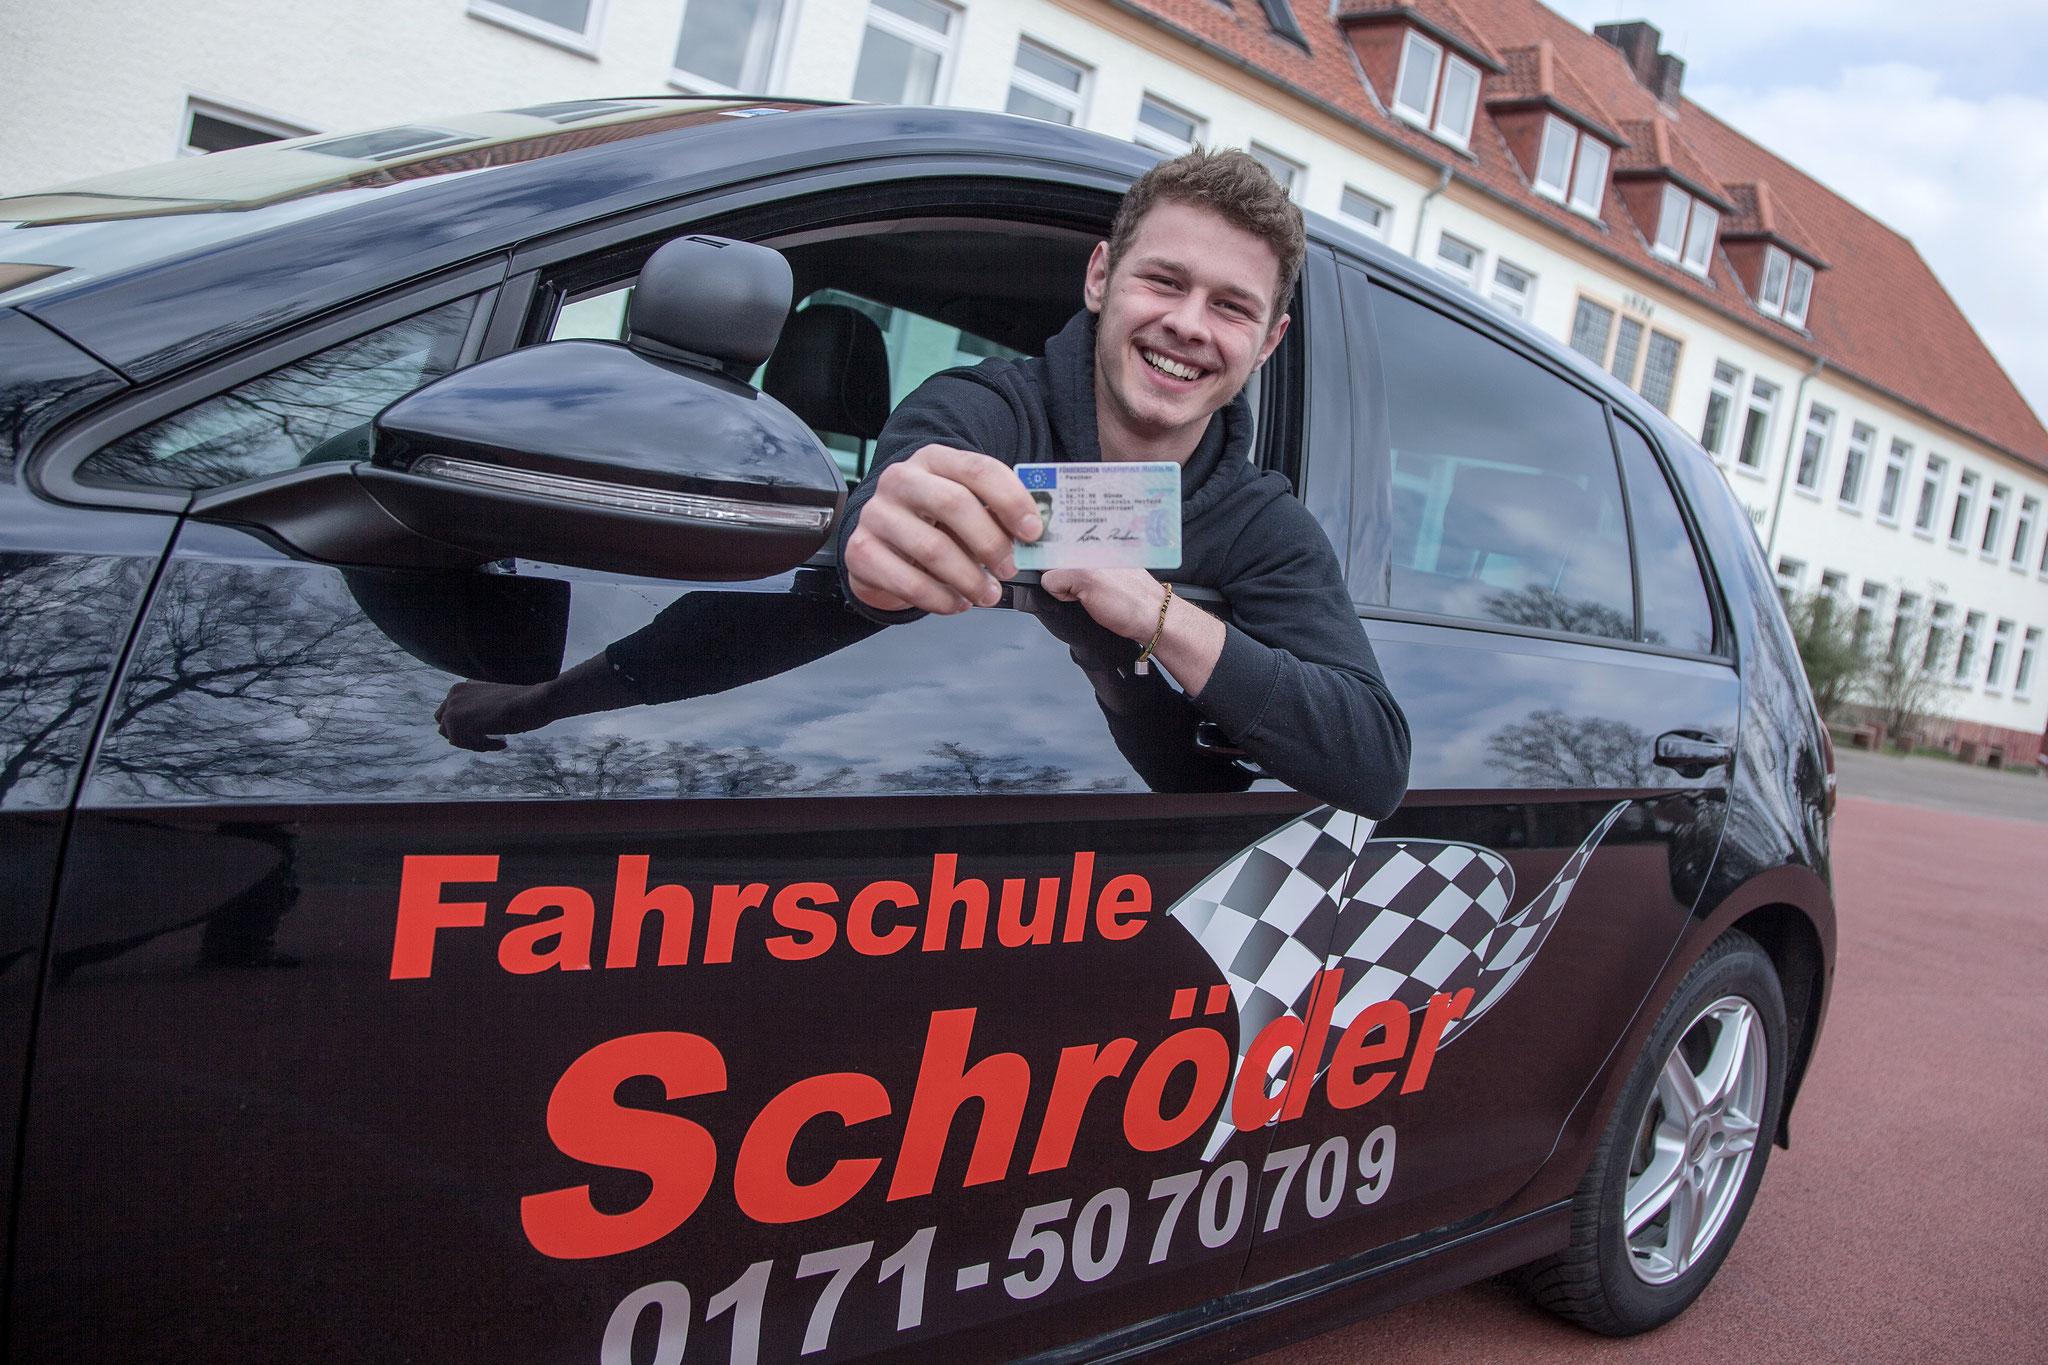 Führerschein mit 17 von der Fahrschule Schröder - für Bünde und Umgebung.